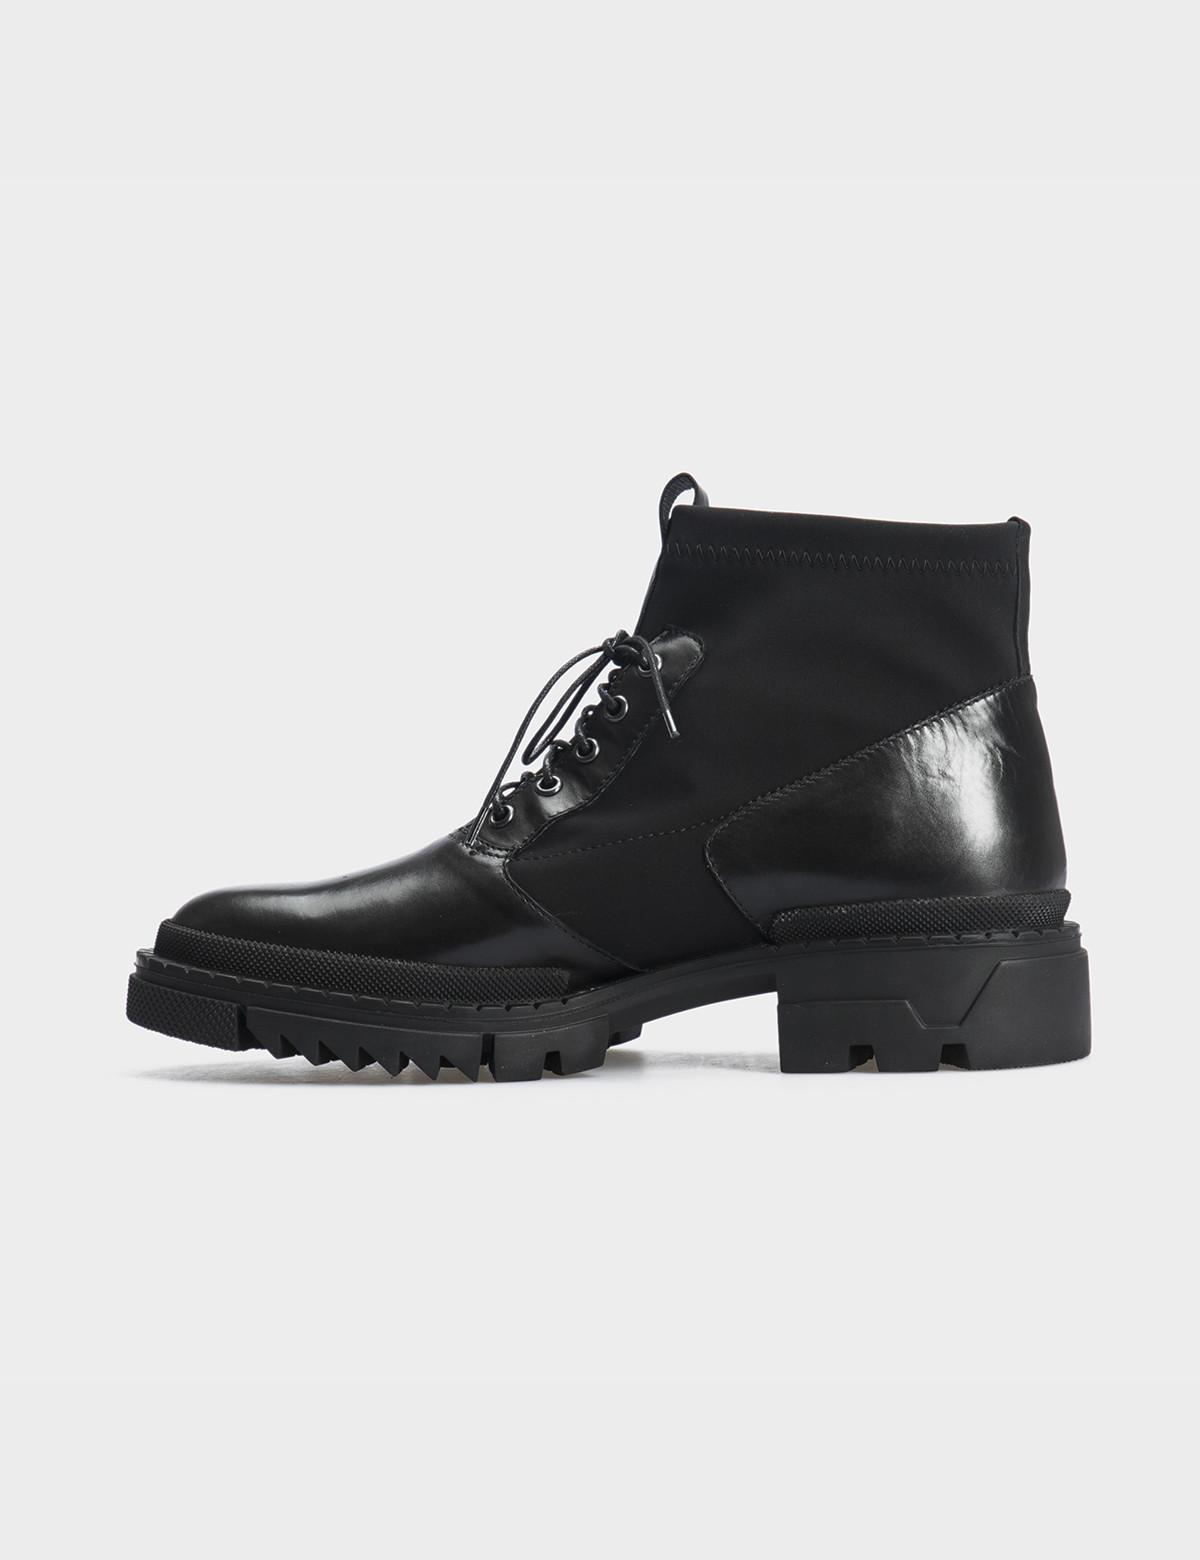 Ботинки черные, натуральная кожа/стрейч. Байка3